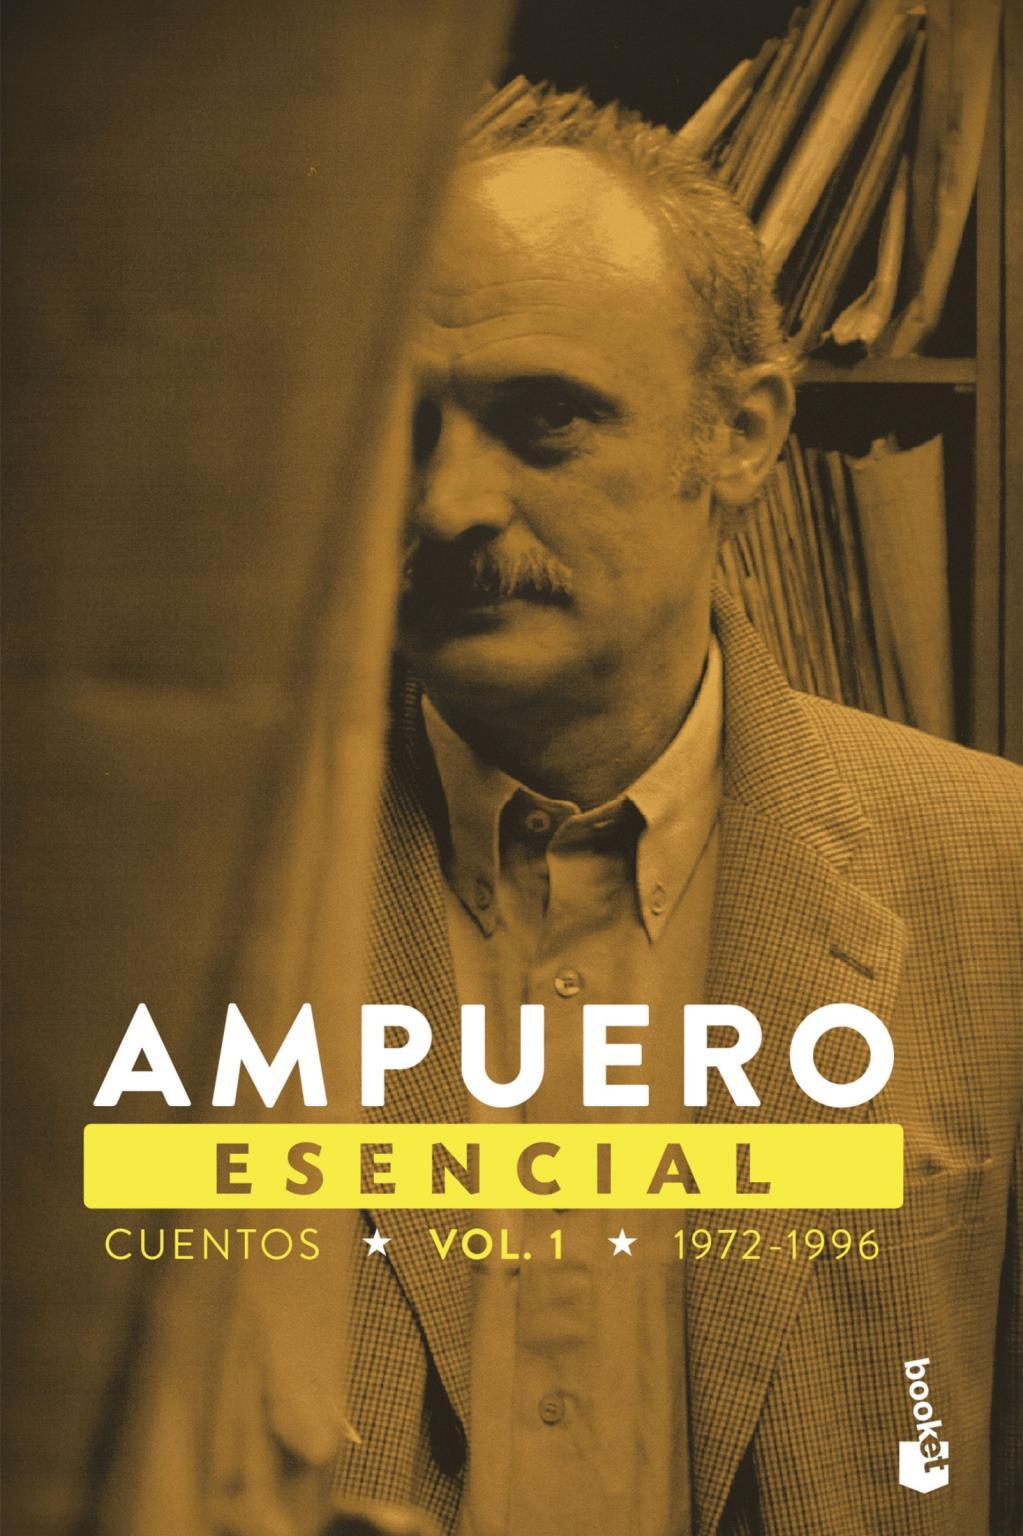 Ampuero Esencial Vol. I (1972-1996)